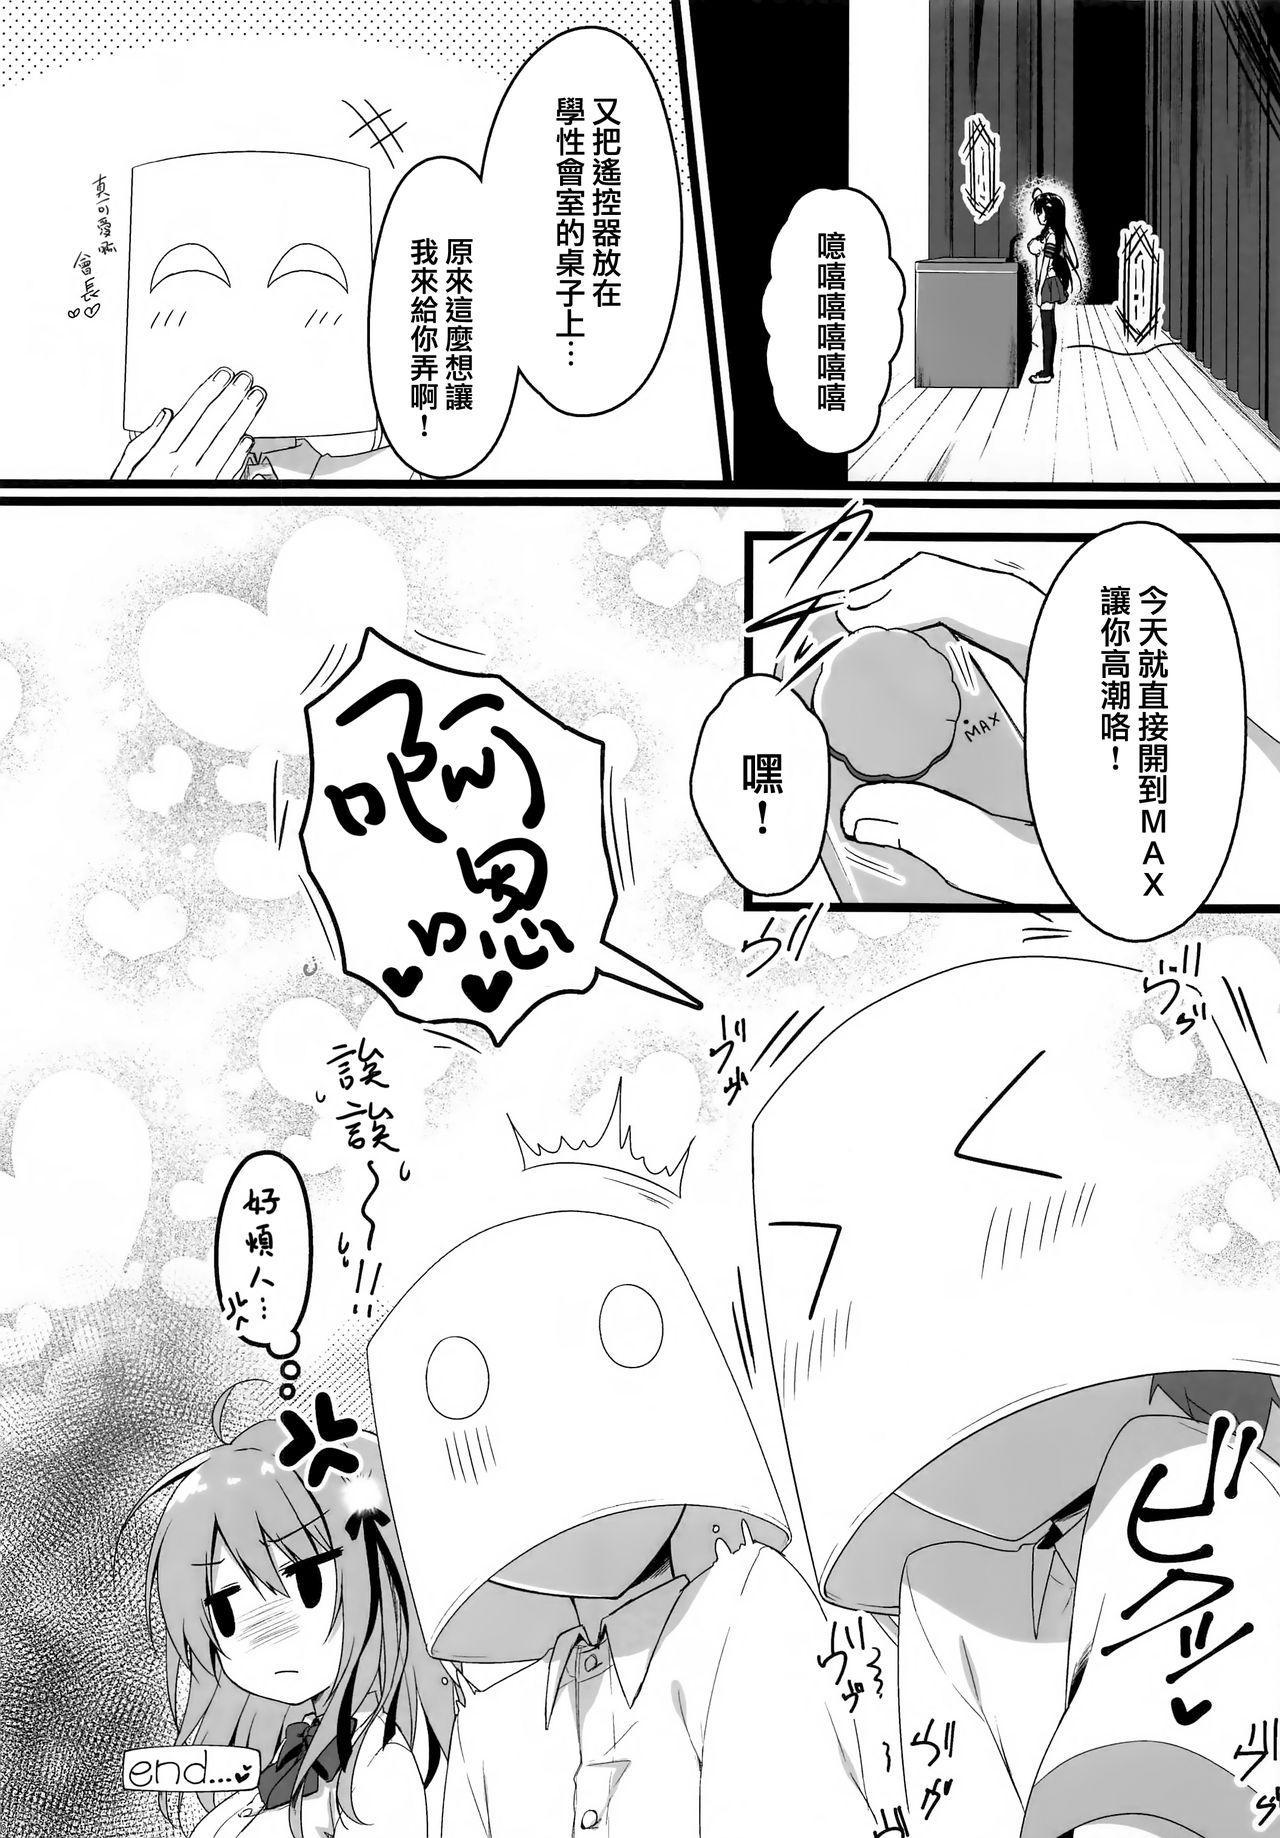 Kaichou, Zenkou Seito no Mae desu yo!? 19